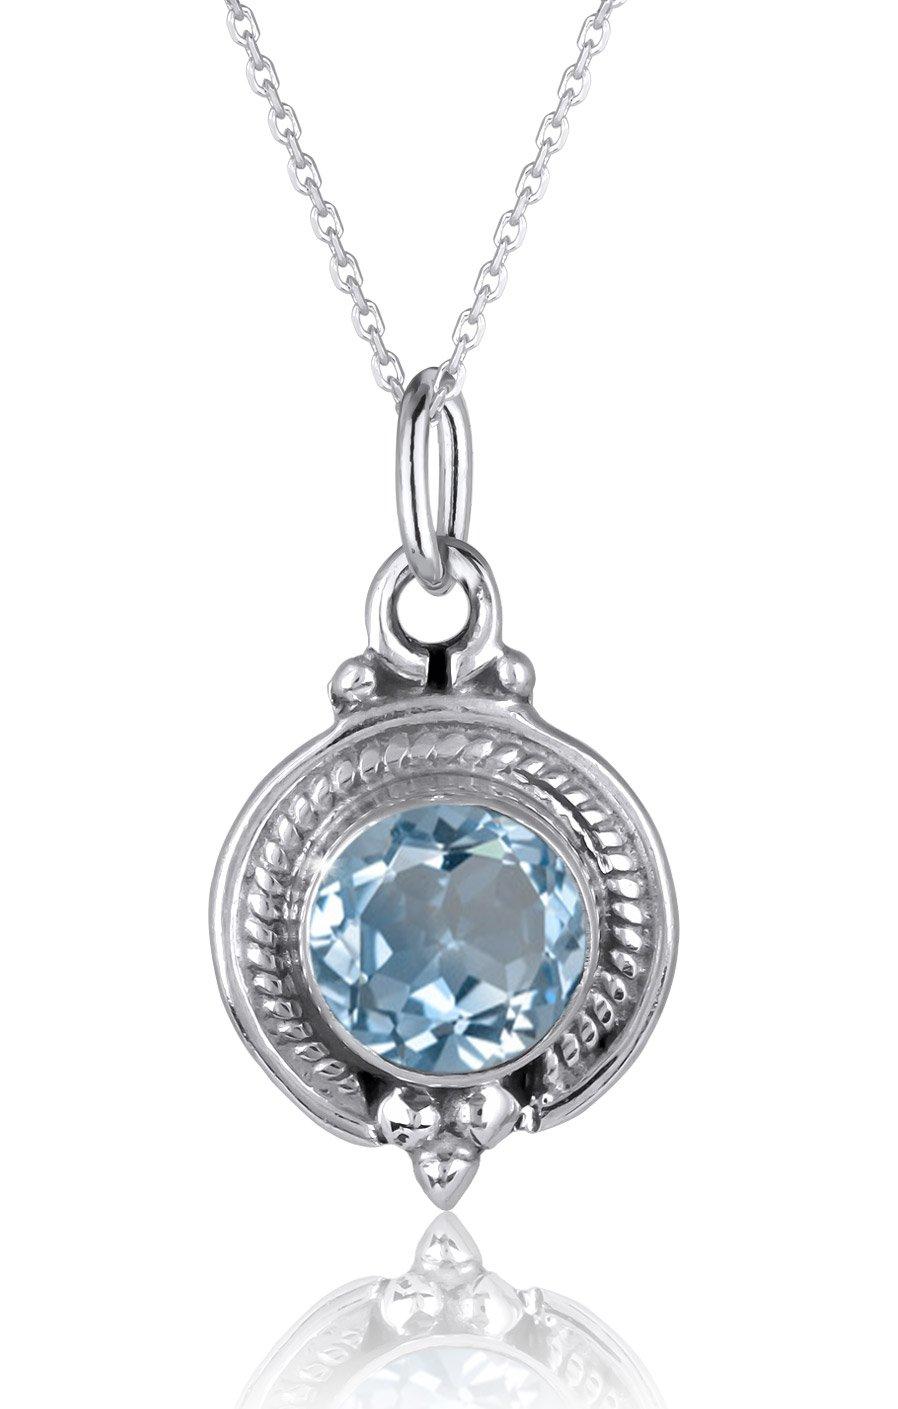 Runder blauer topas anhä nger mit Silber gesetzt-Inklusive kette